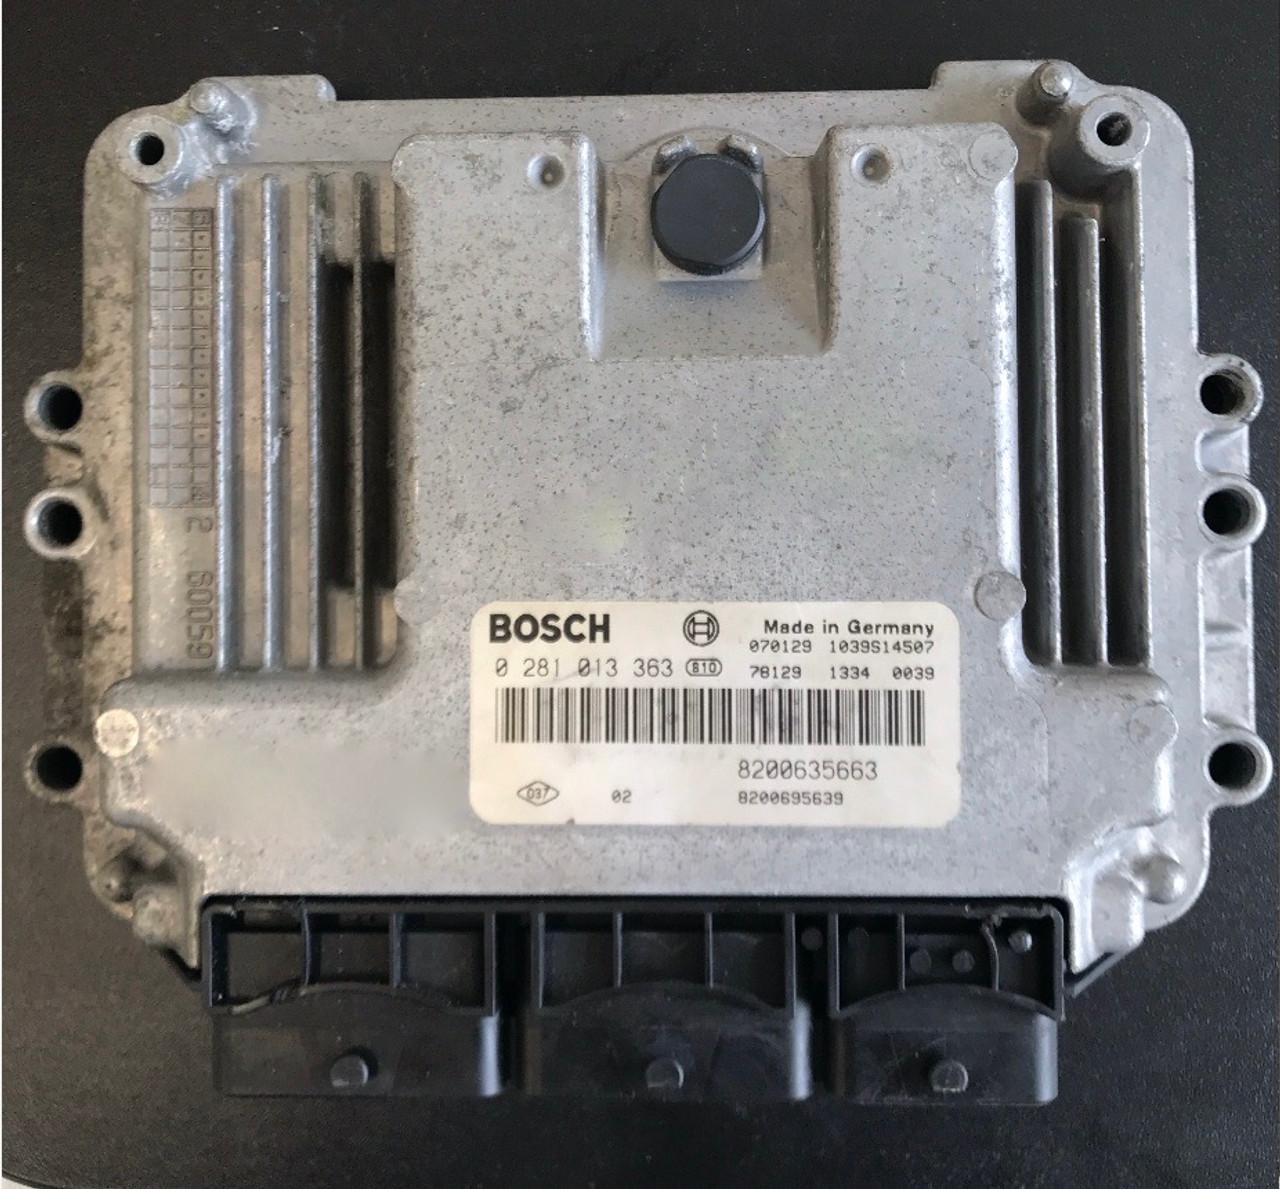 Bosch Engine ECU, Renault Master, 0281013363, 0 281 013 363, 8200635663, 8200695639, 1039S14507